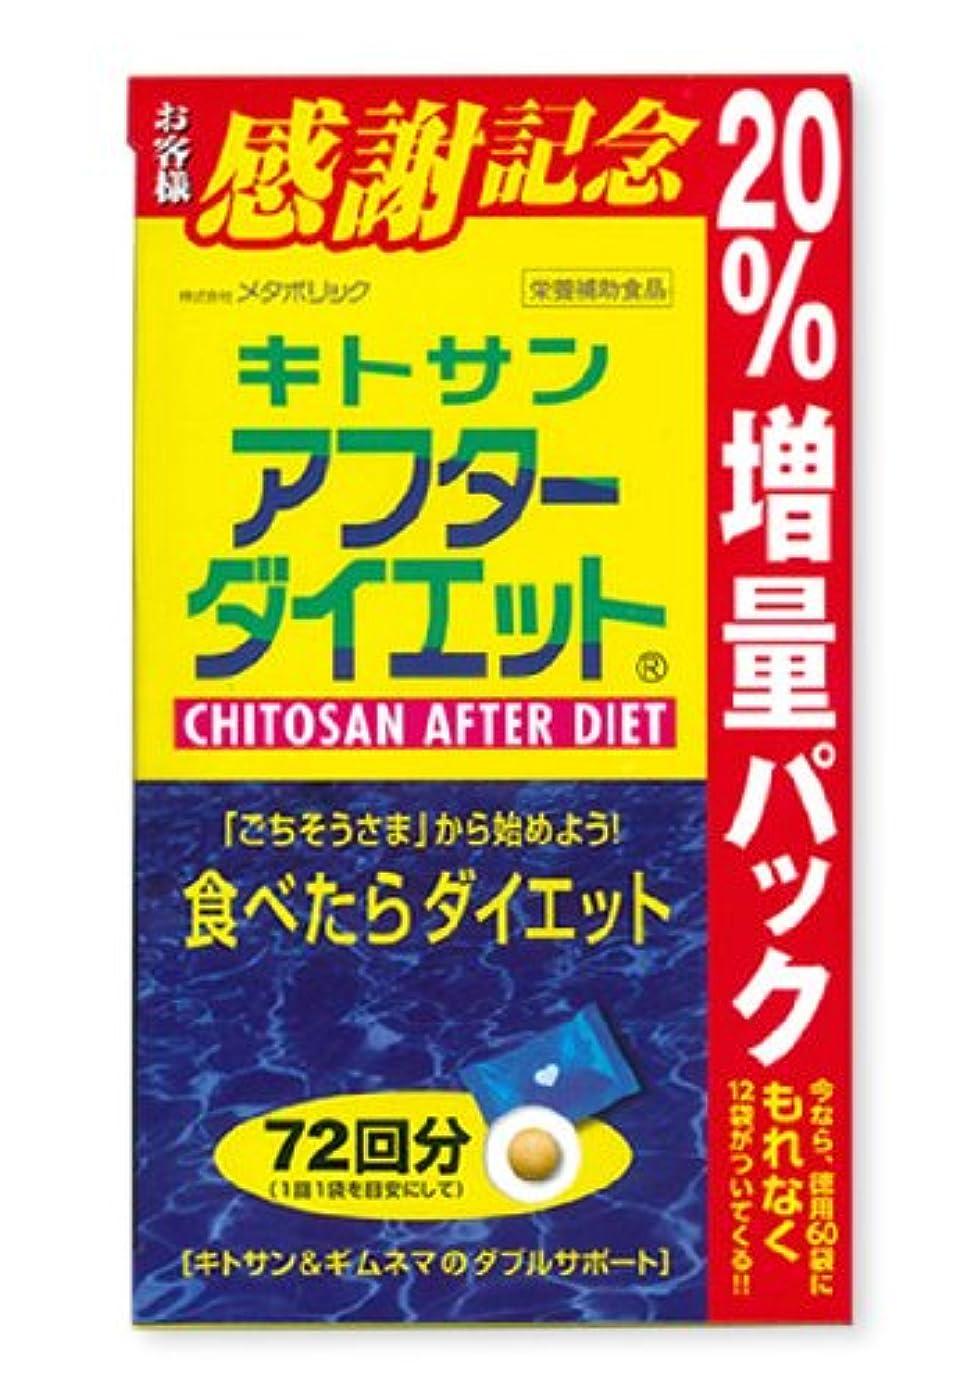 購入粘土髄お徳用 72袋入り? キトサン アフターダイエット ( お徳用 72袋入り)×10個セット 20%増量版